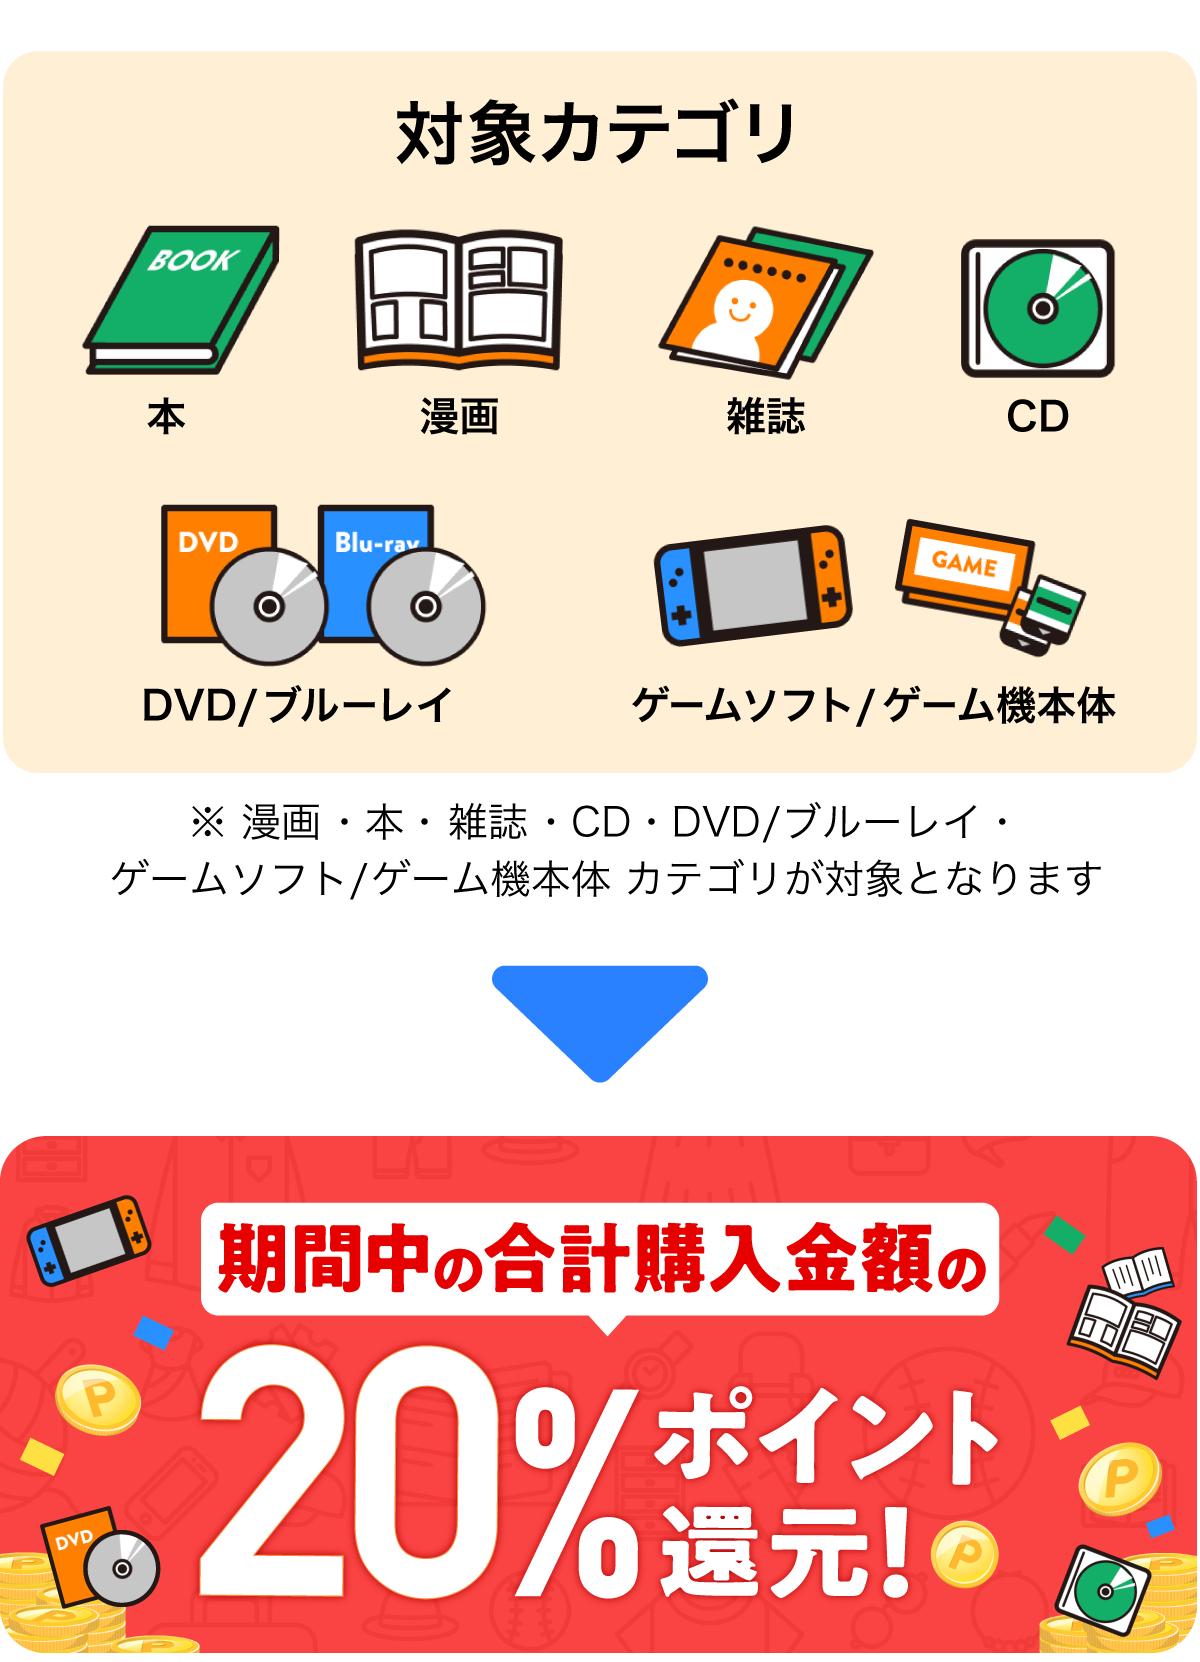 対象カテゴリは漫画・本・雑誌・CD・DVD/ブルーレイ・ゲームソフト/ゲーム機本体カテゴリ 期間中の合計購入金額の20%ポイント還元